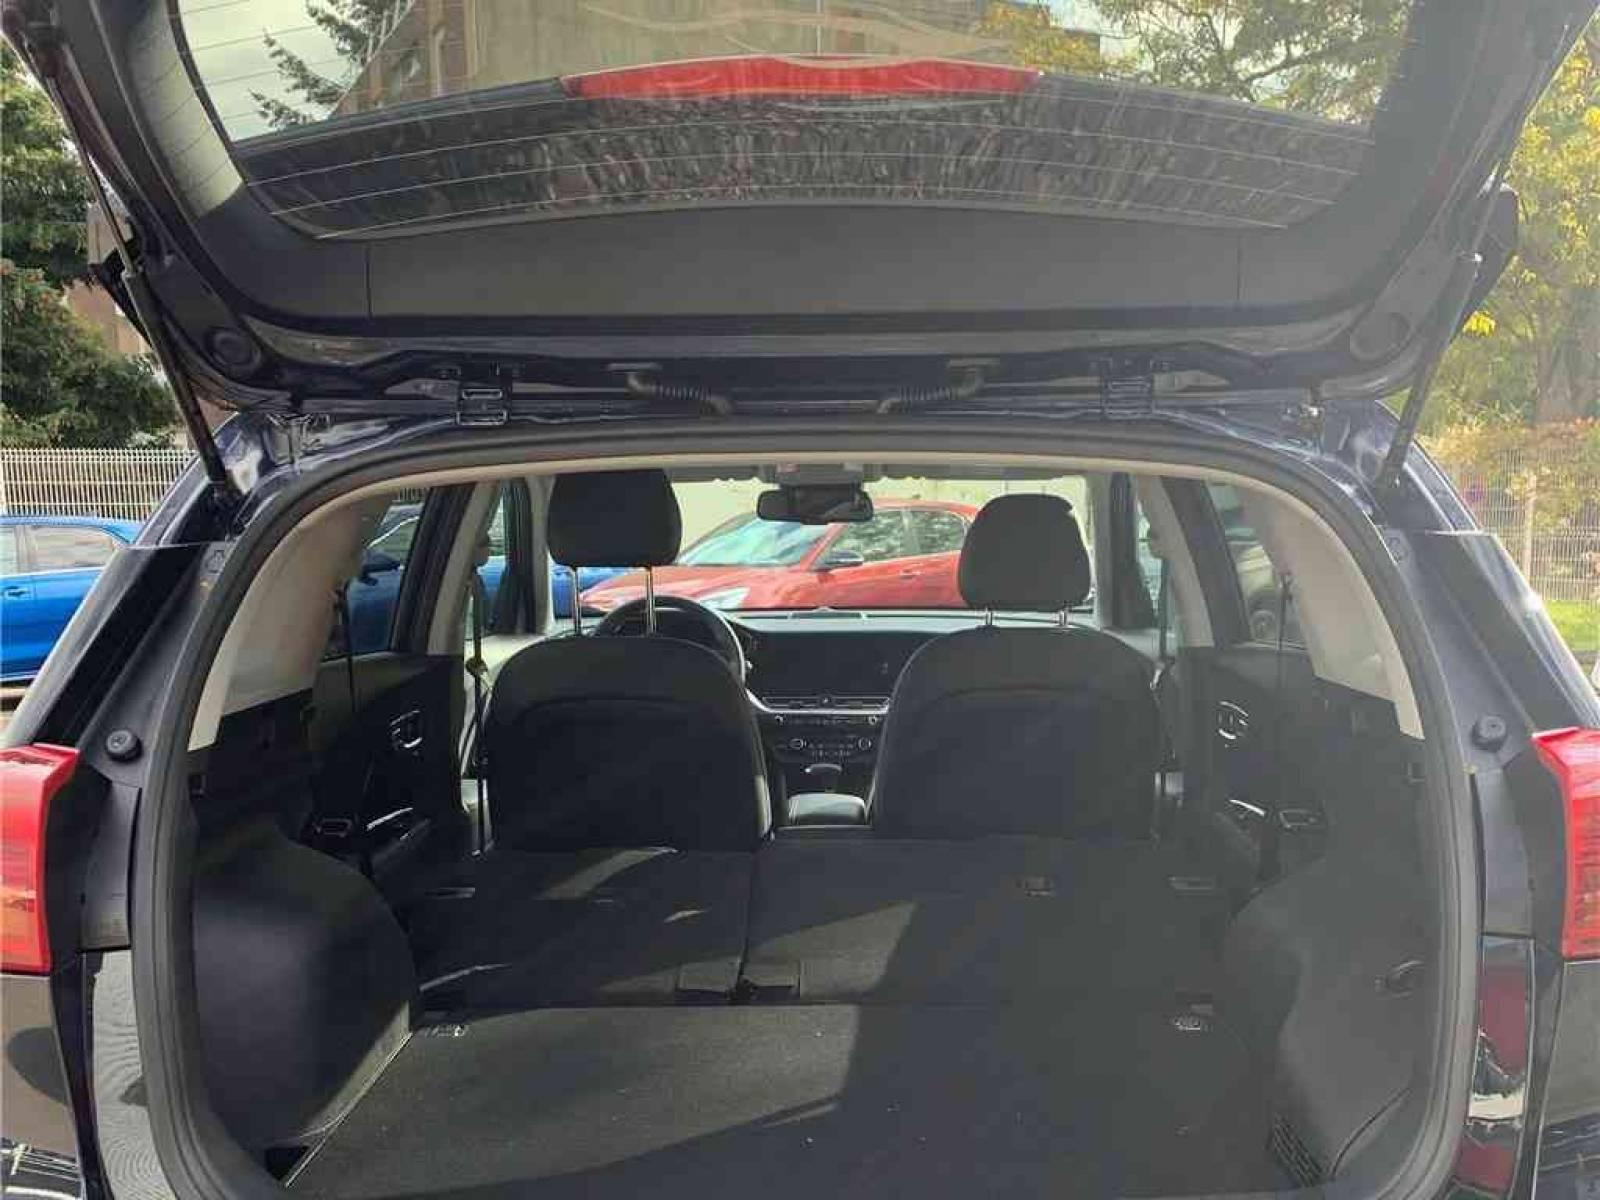 KIA Niro Hybrid Recharg 1.6 GDi 105 ch ISG + Elec 60.5 ch DCT6 - véhicule d'occasion - Groupe Guillet - Hall de l'automobile - Montceau les Mines - 71300 - Montceau-les-Mines - 9